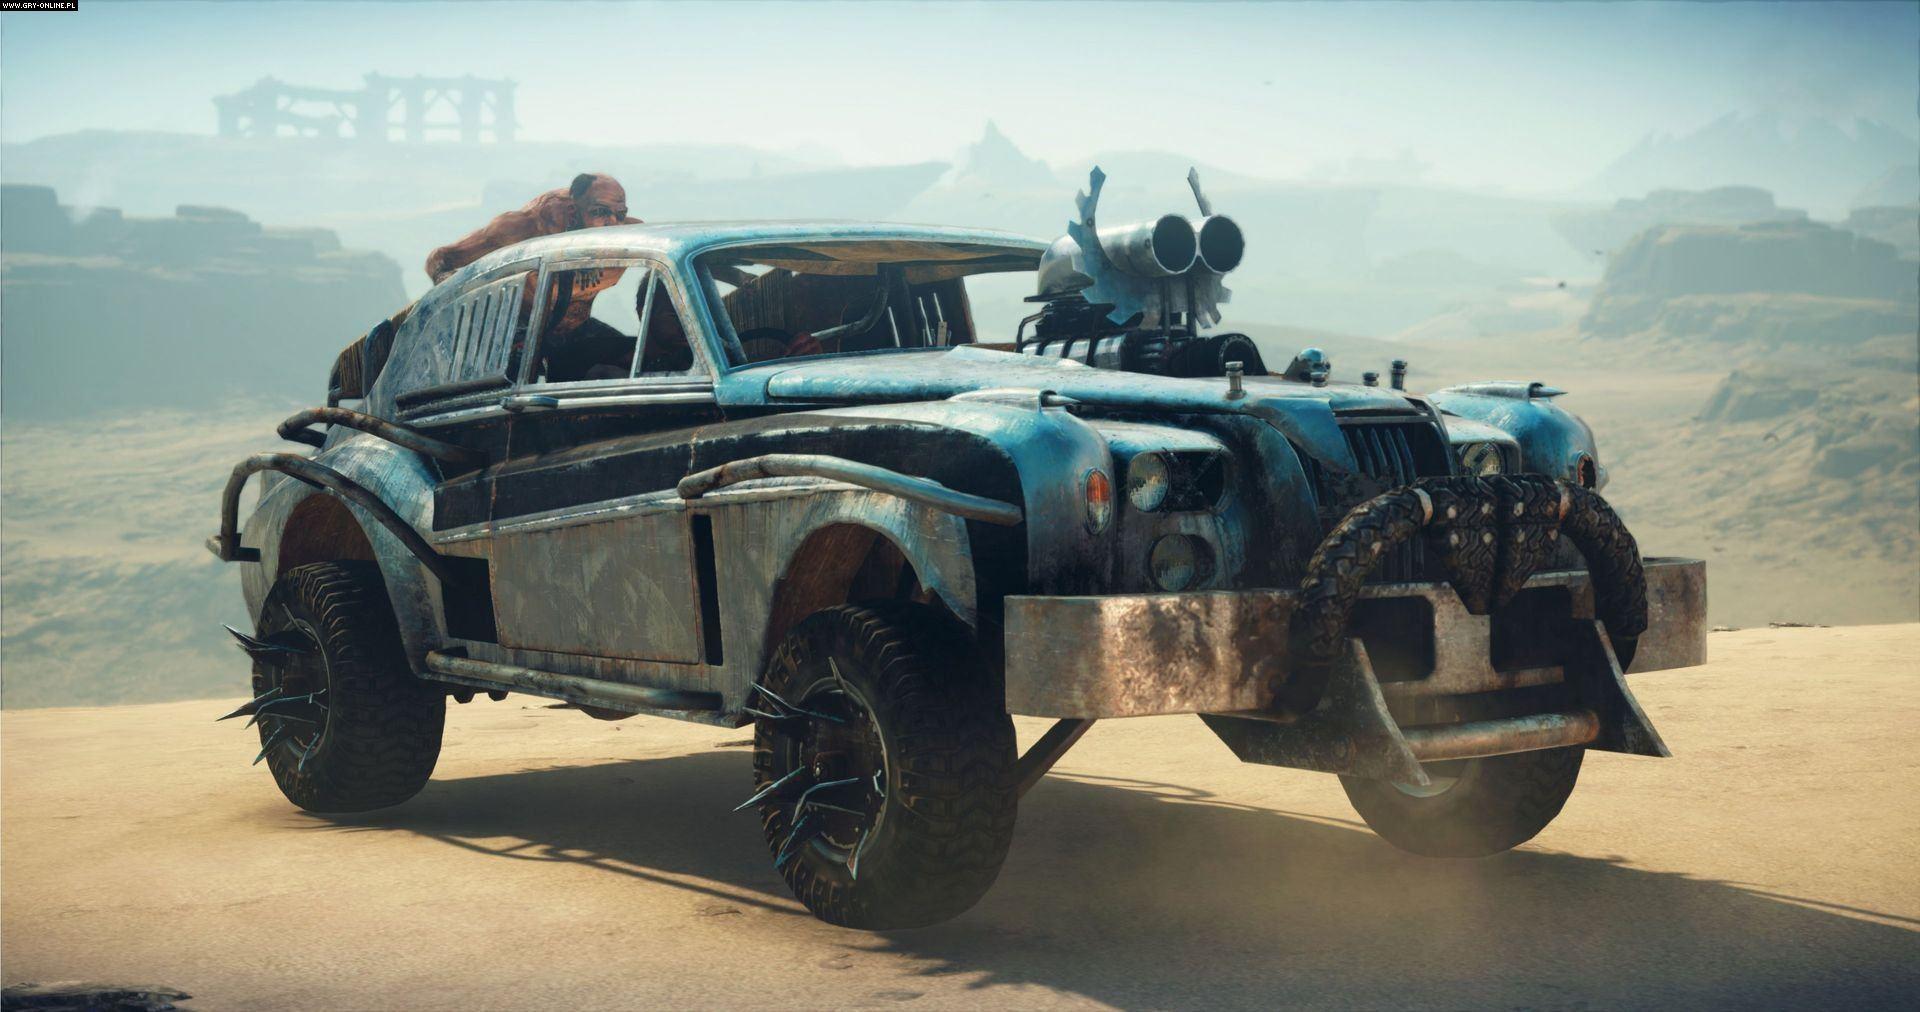 Mad Max image #6